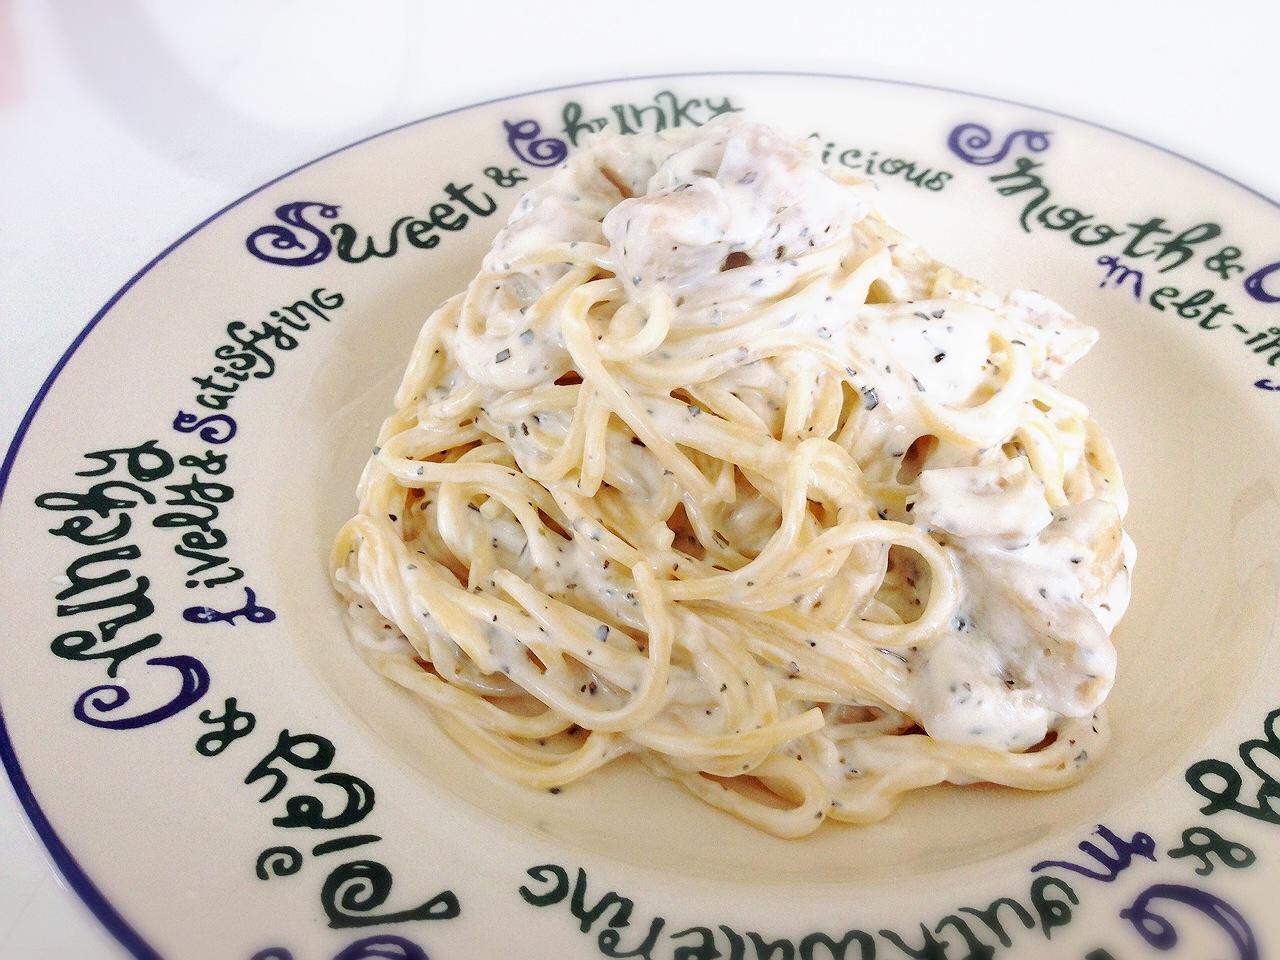 【レシピ】フライパンひとつでお手軽に☆バジル&クリームチーズのパスタ